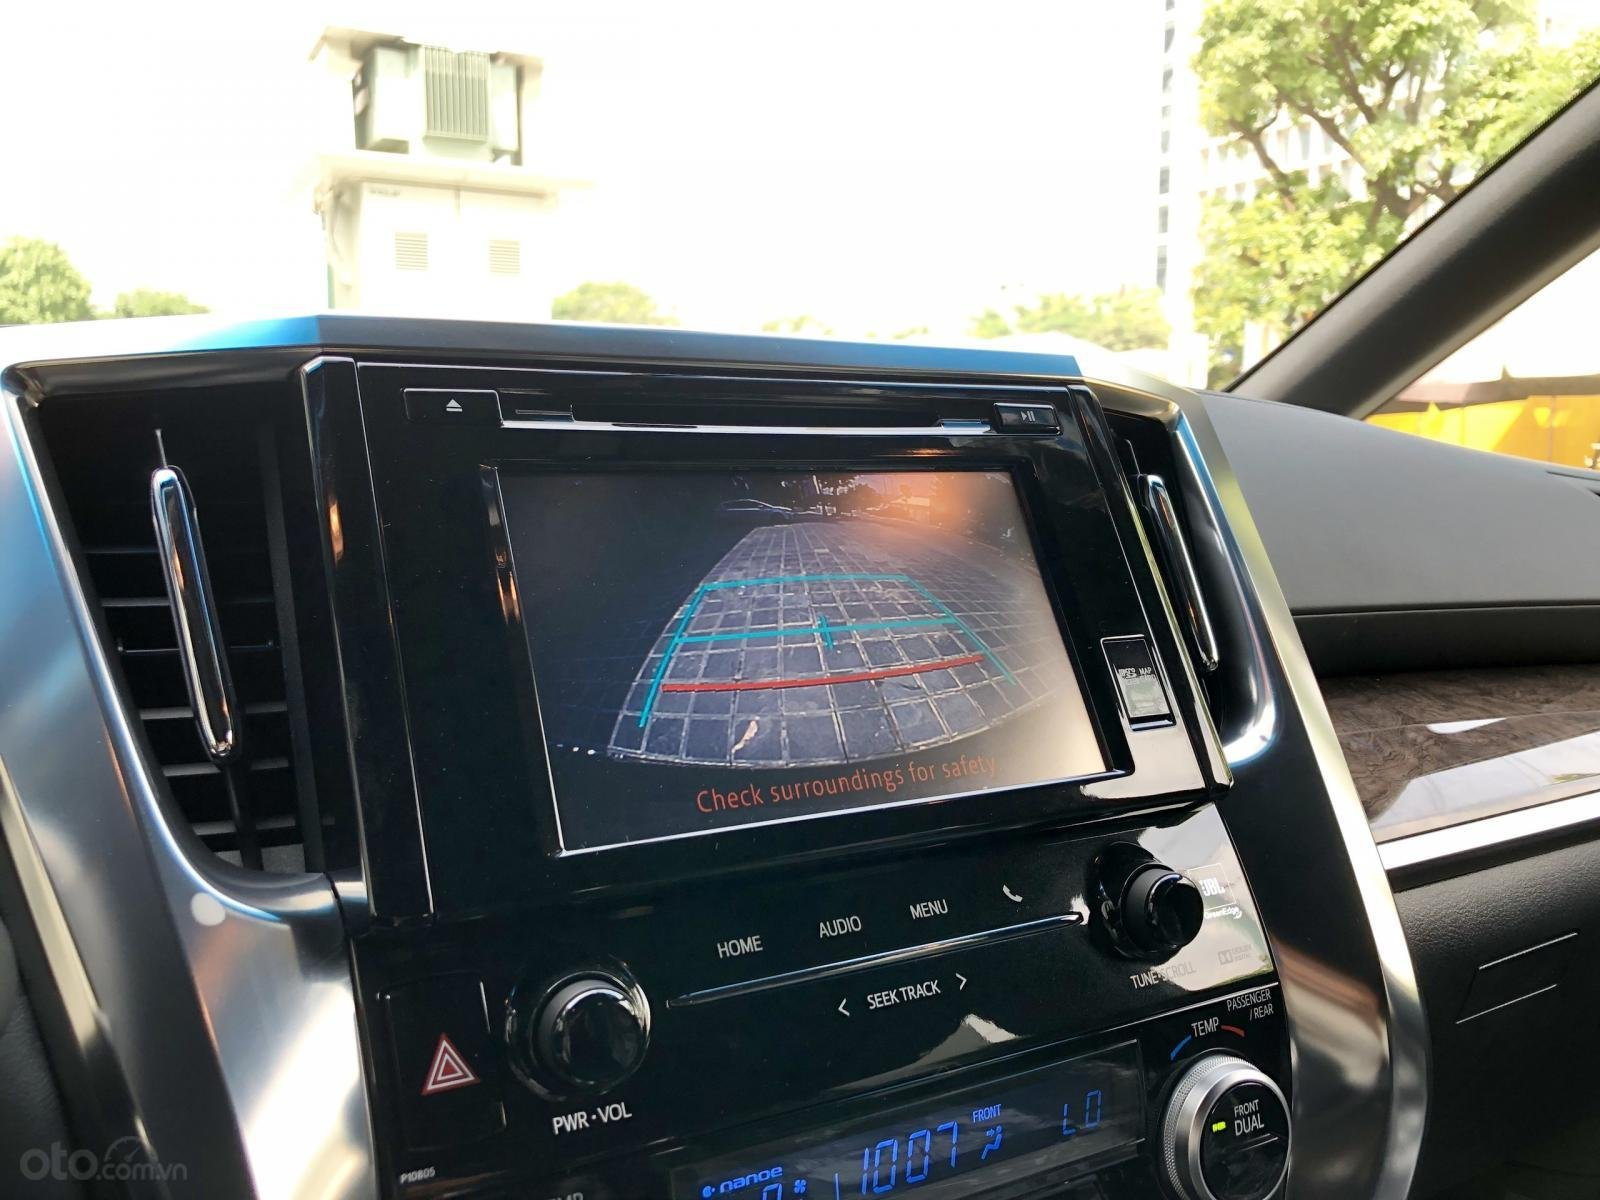 Giao ngay Toyota Alphard Excutive Lounge 2019, xe mới có sẵn ở showroom, LH Ms. Hương 094.539.2468 (23)